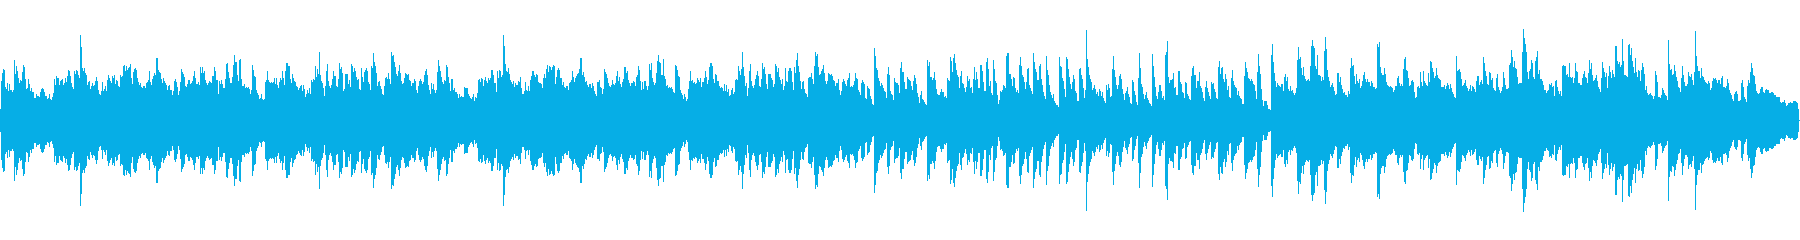 ほのぼのしたオーケストラとピアノの曲の再生済みの波形